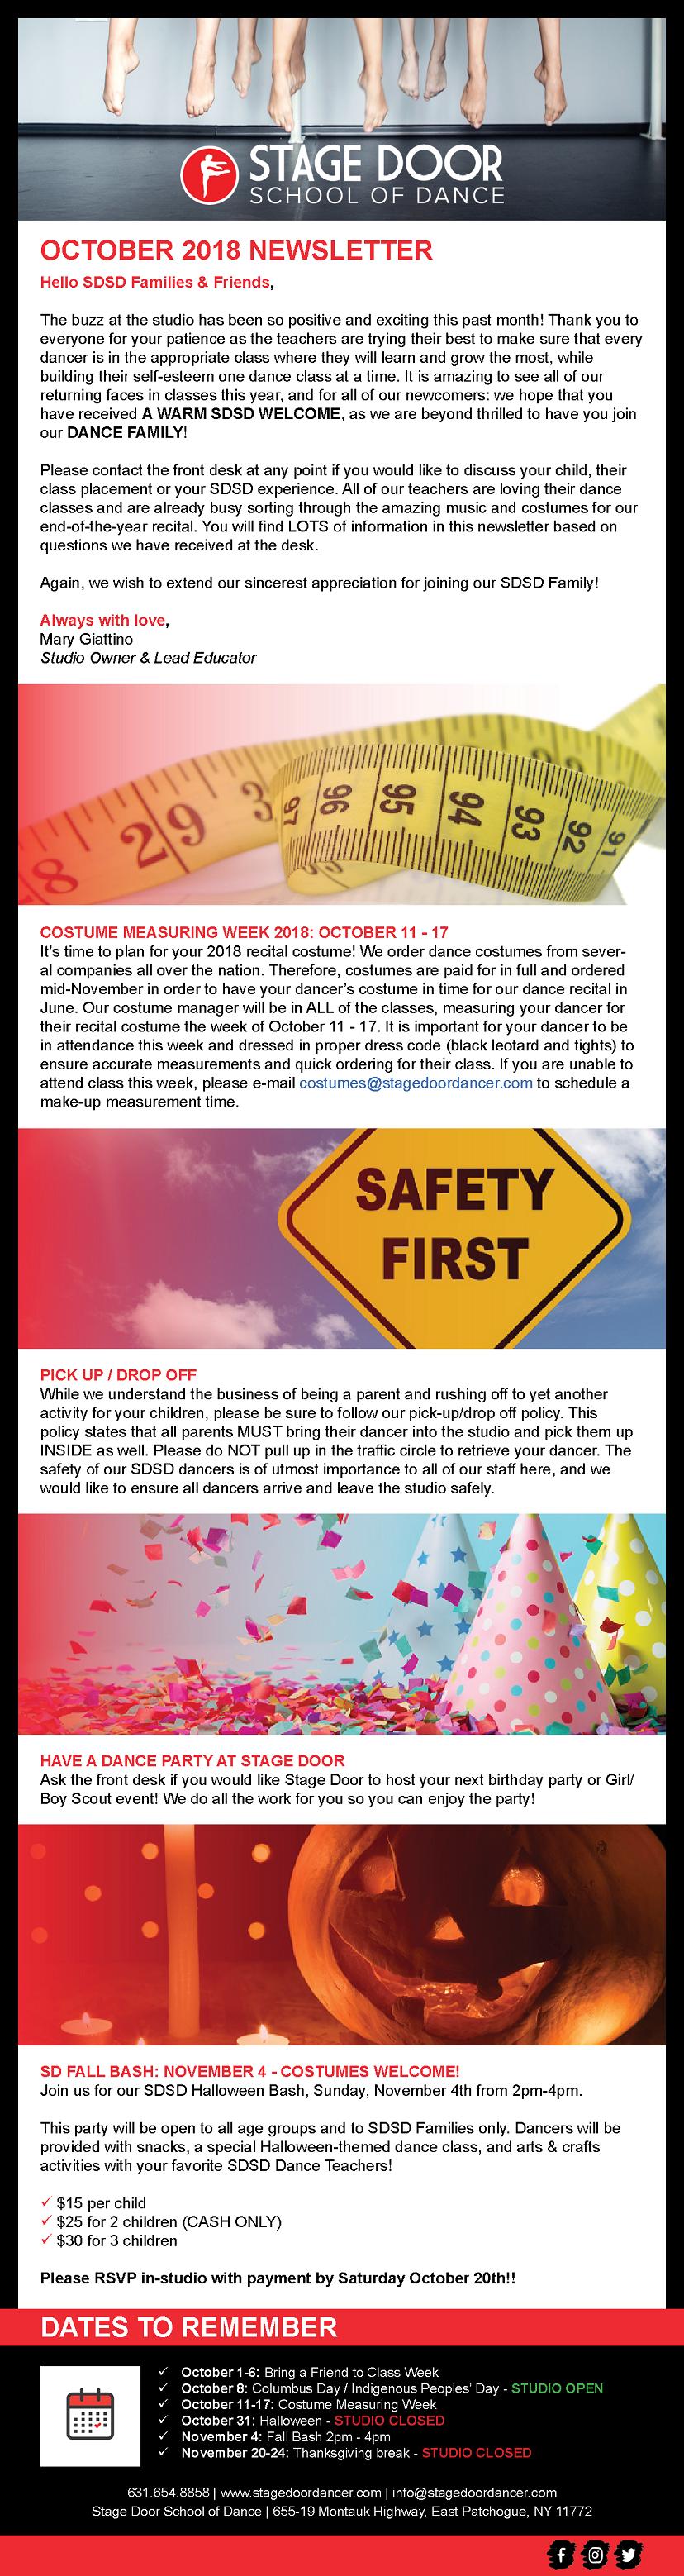 Stage Door - Newsletter - October 2018 - Website Edition.png